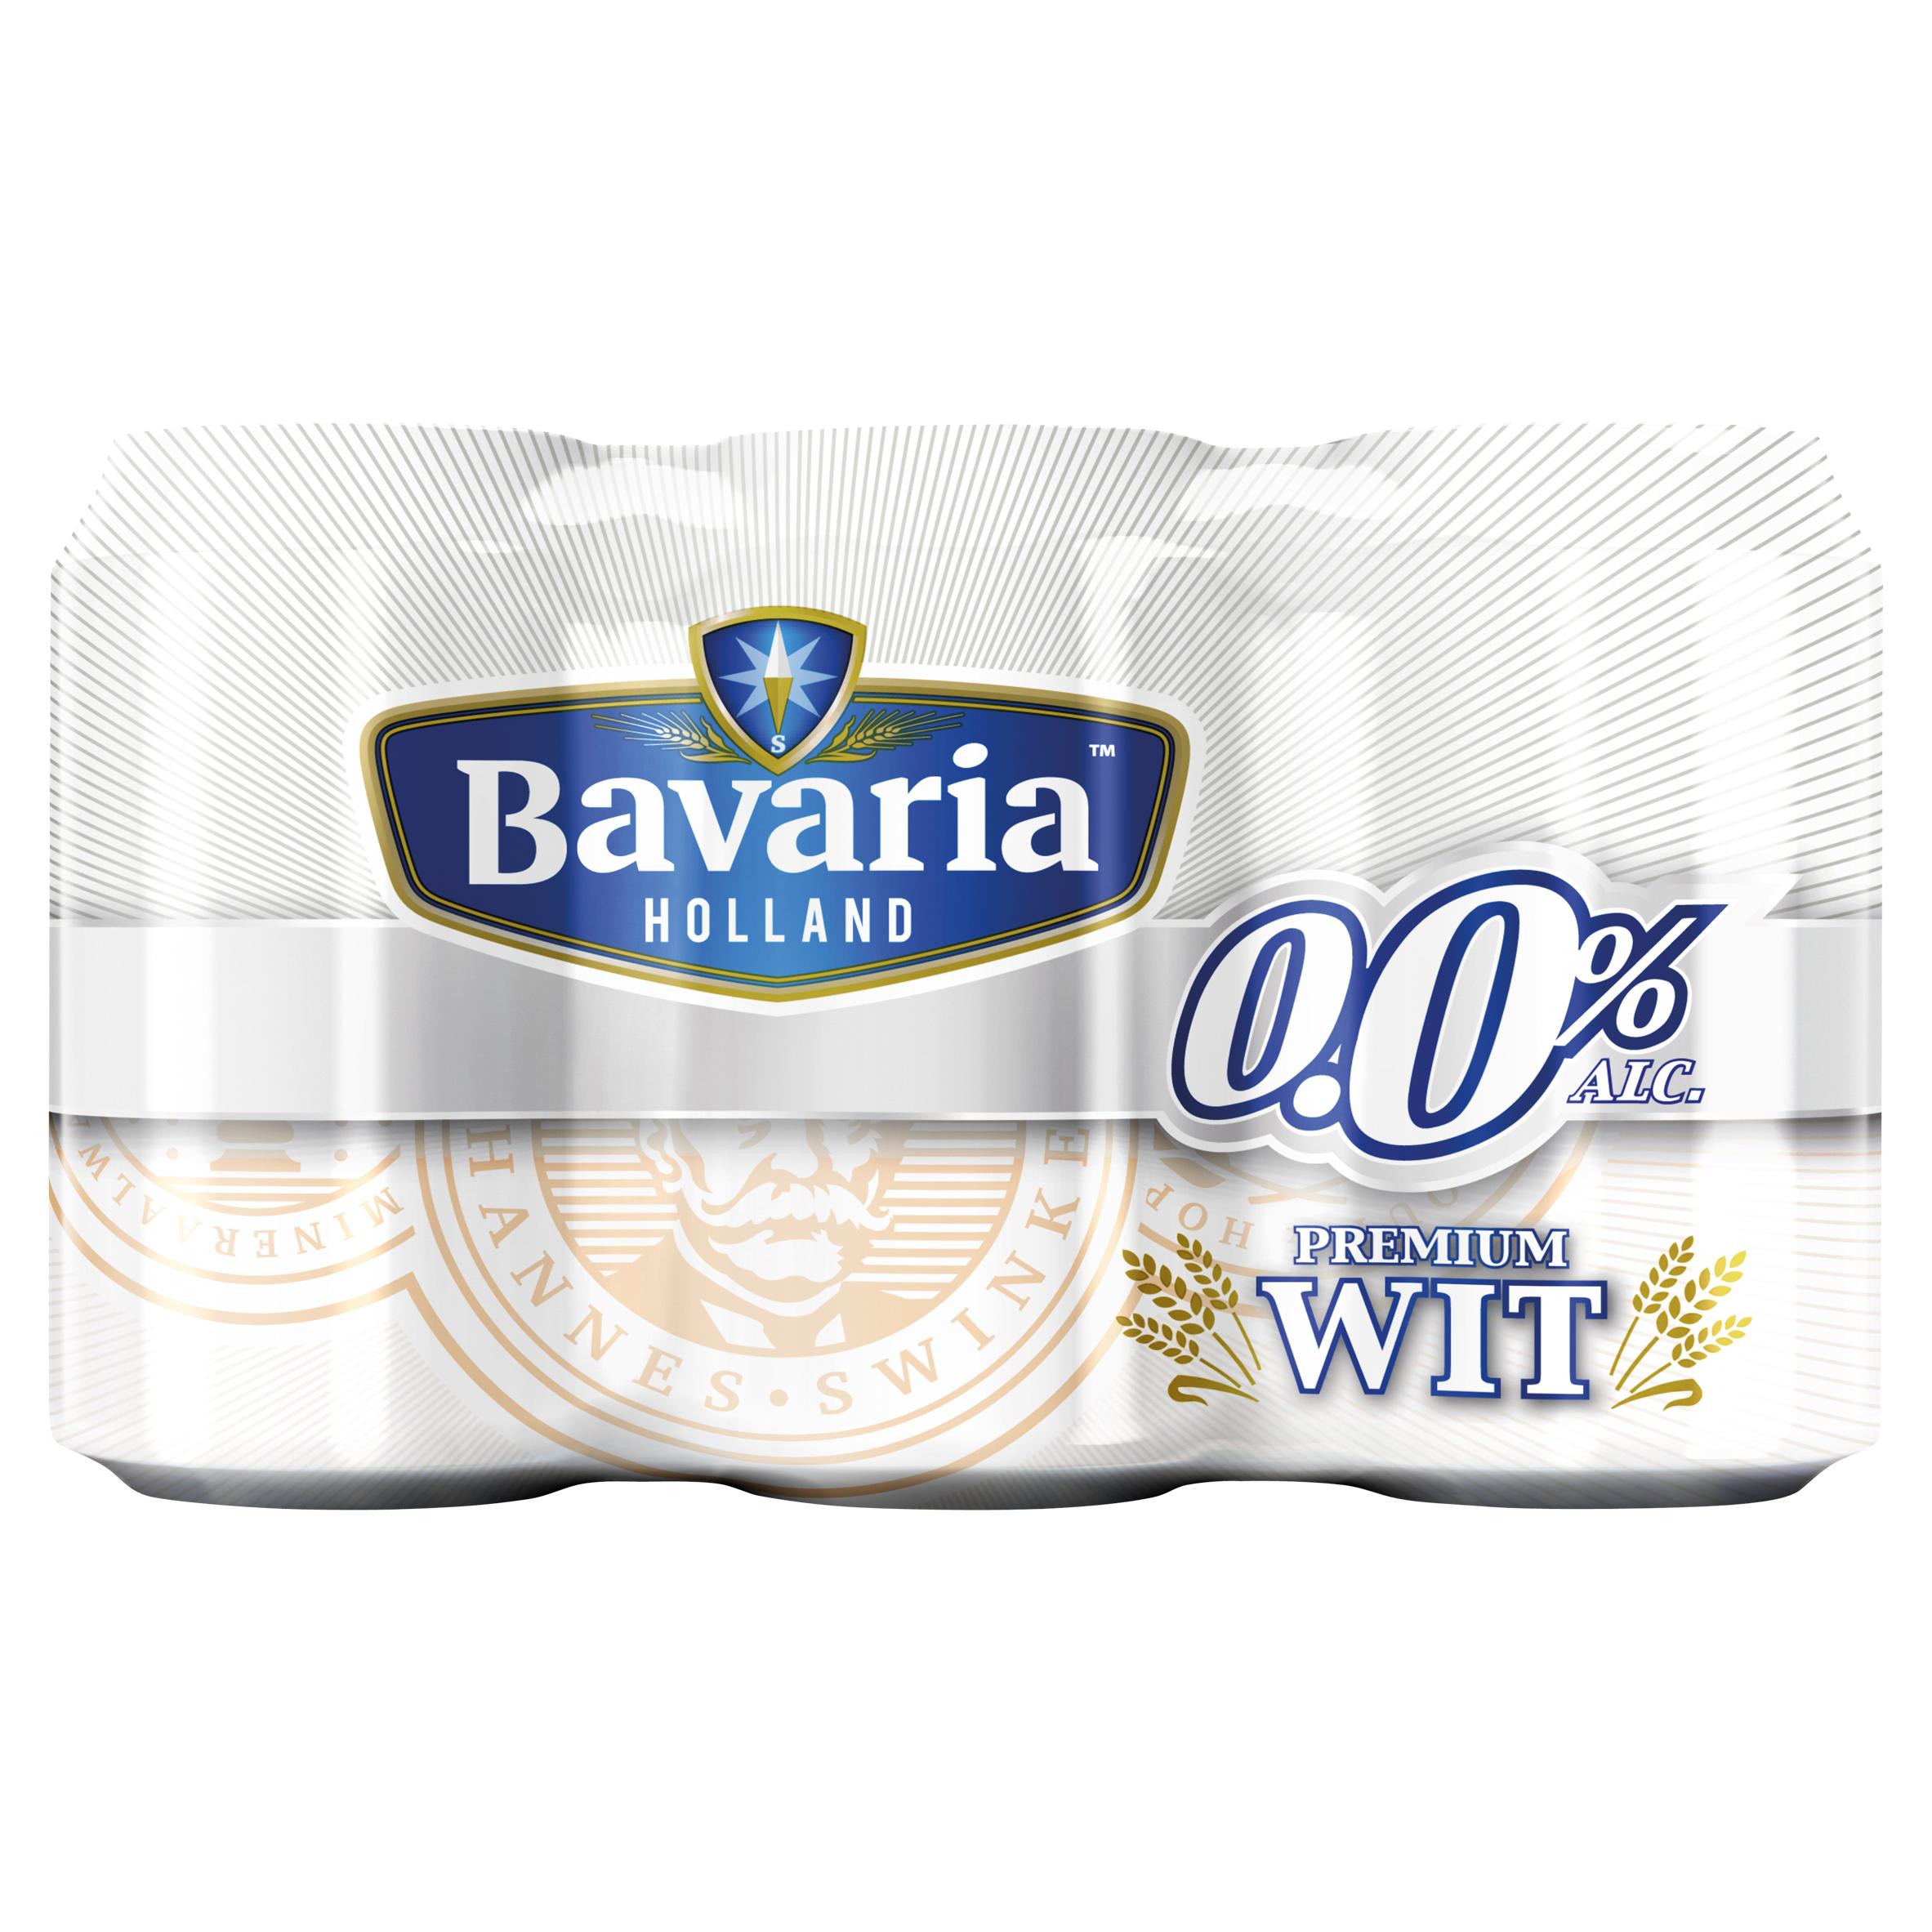 Bavaria 0.0% Premium Alcoholvrij Witbier 6 x 33 cl